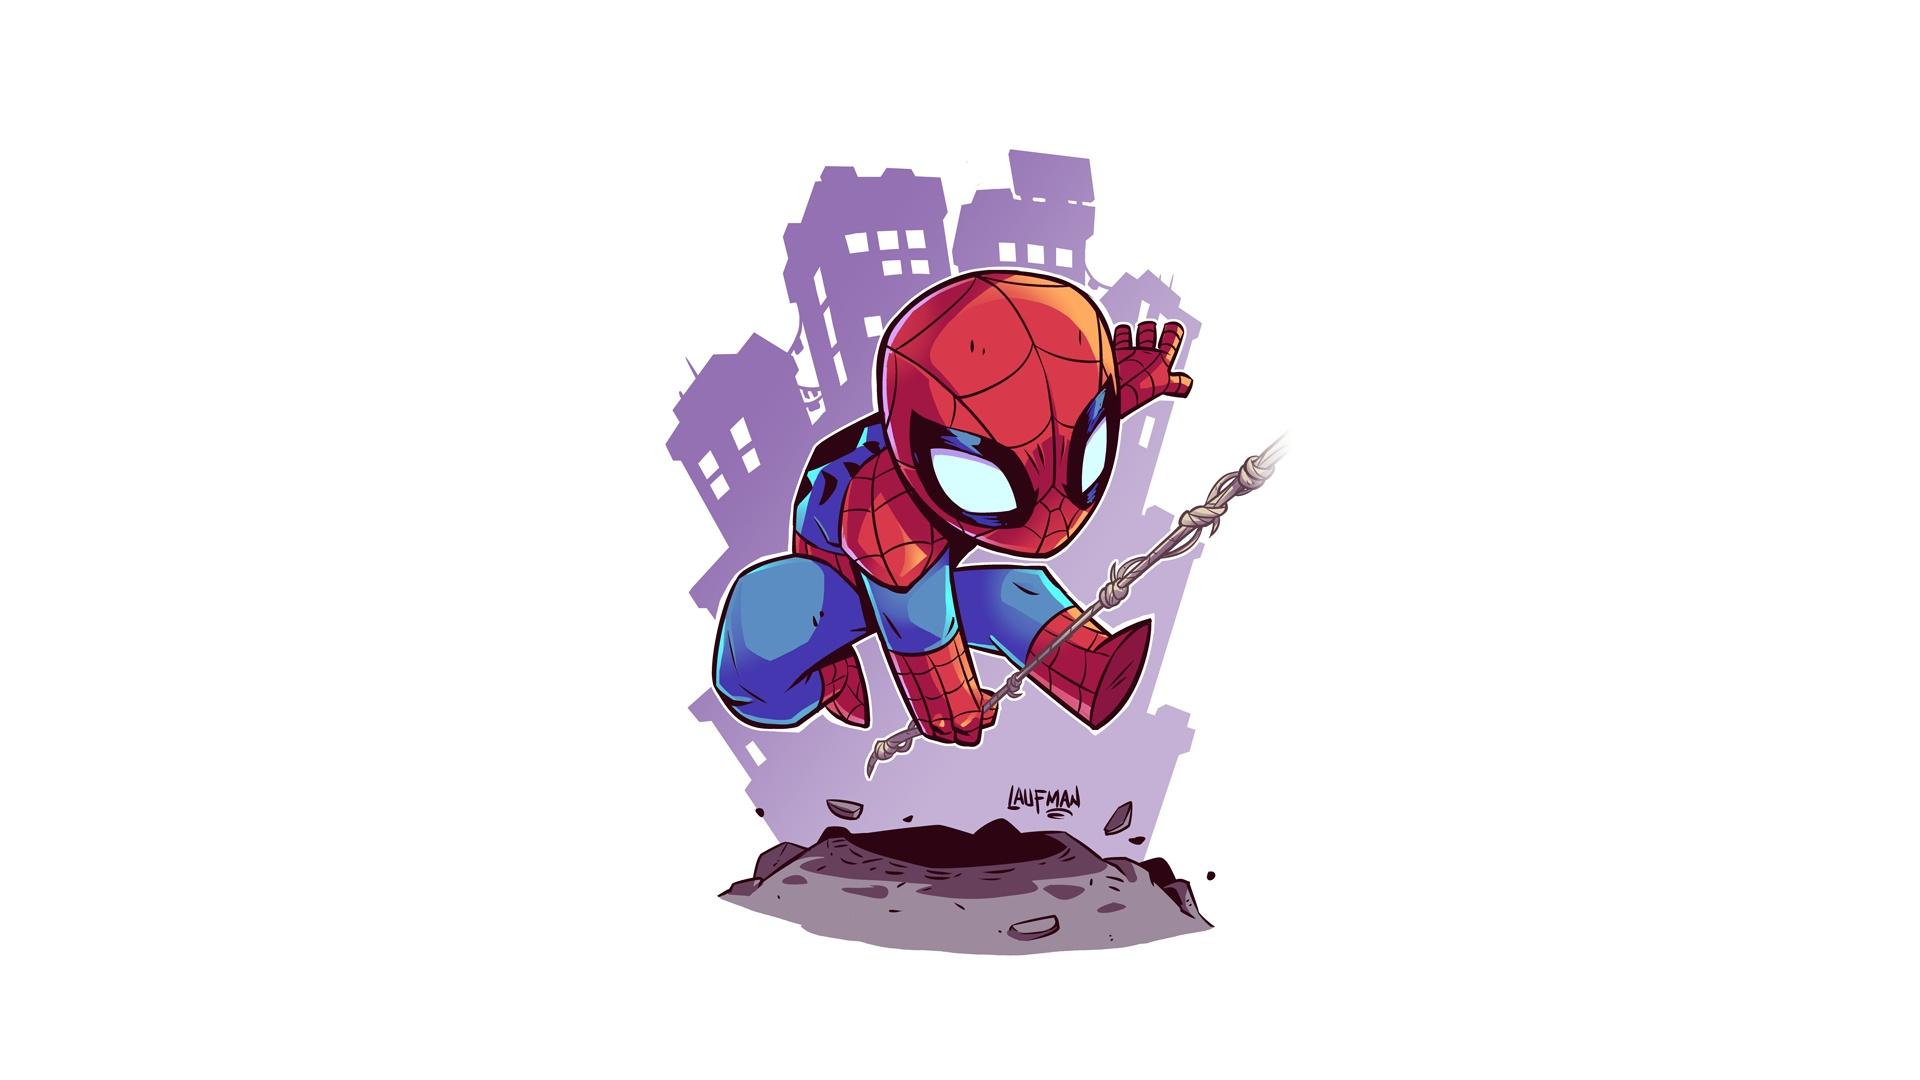 Spider Man superhero white background simple background artwork